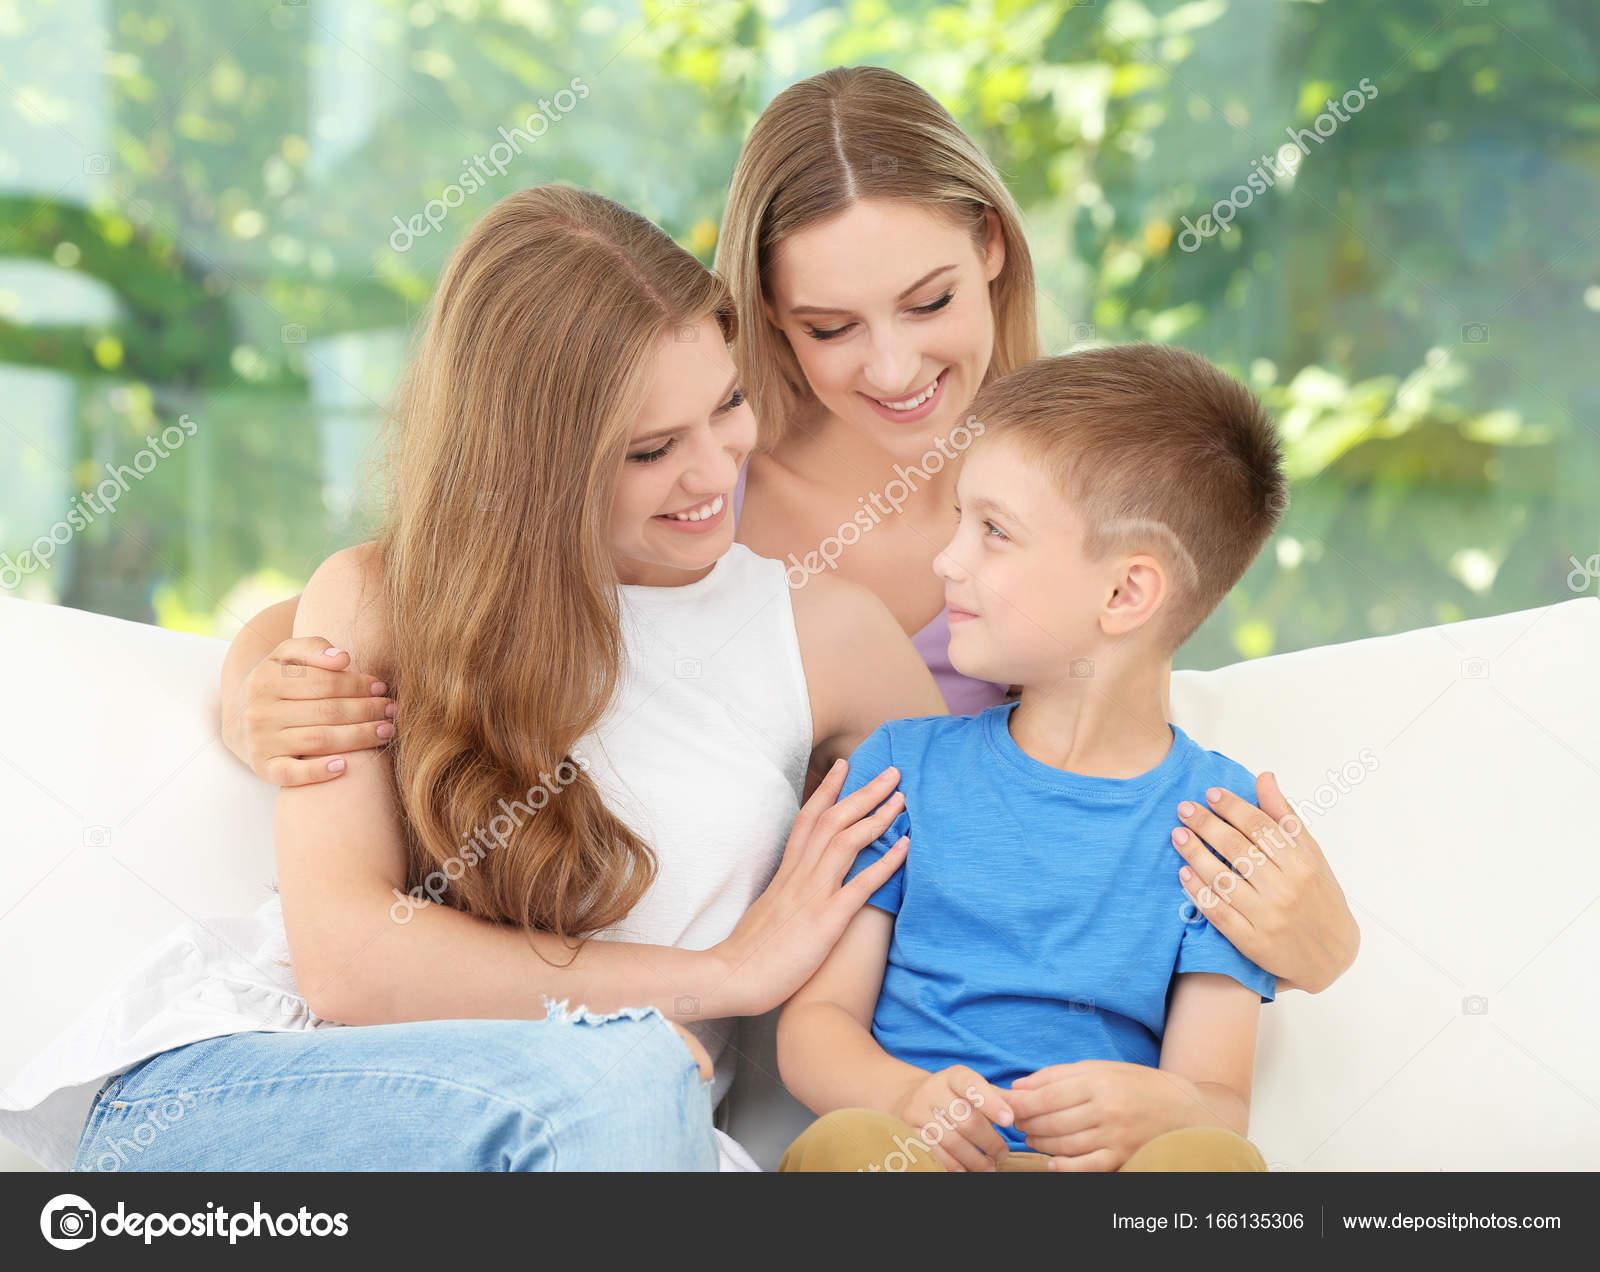 Рассказ как сын поимел маму, Рассказы, истории, о сексе. Мать и сын реальные секс 21 фотография